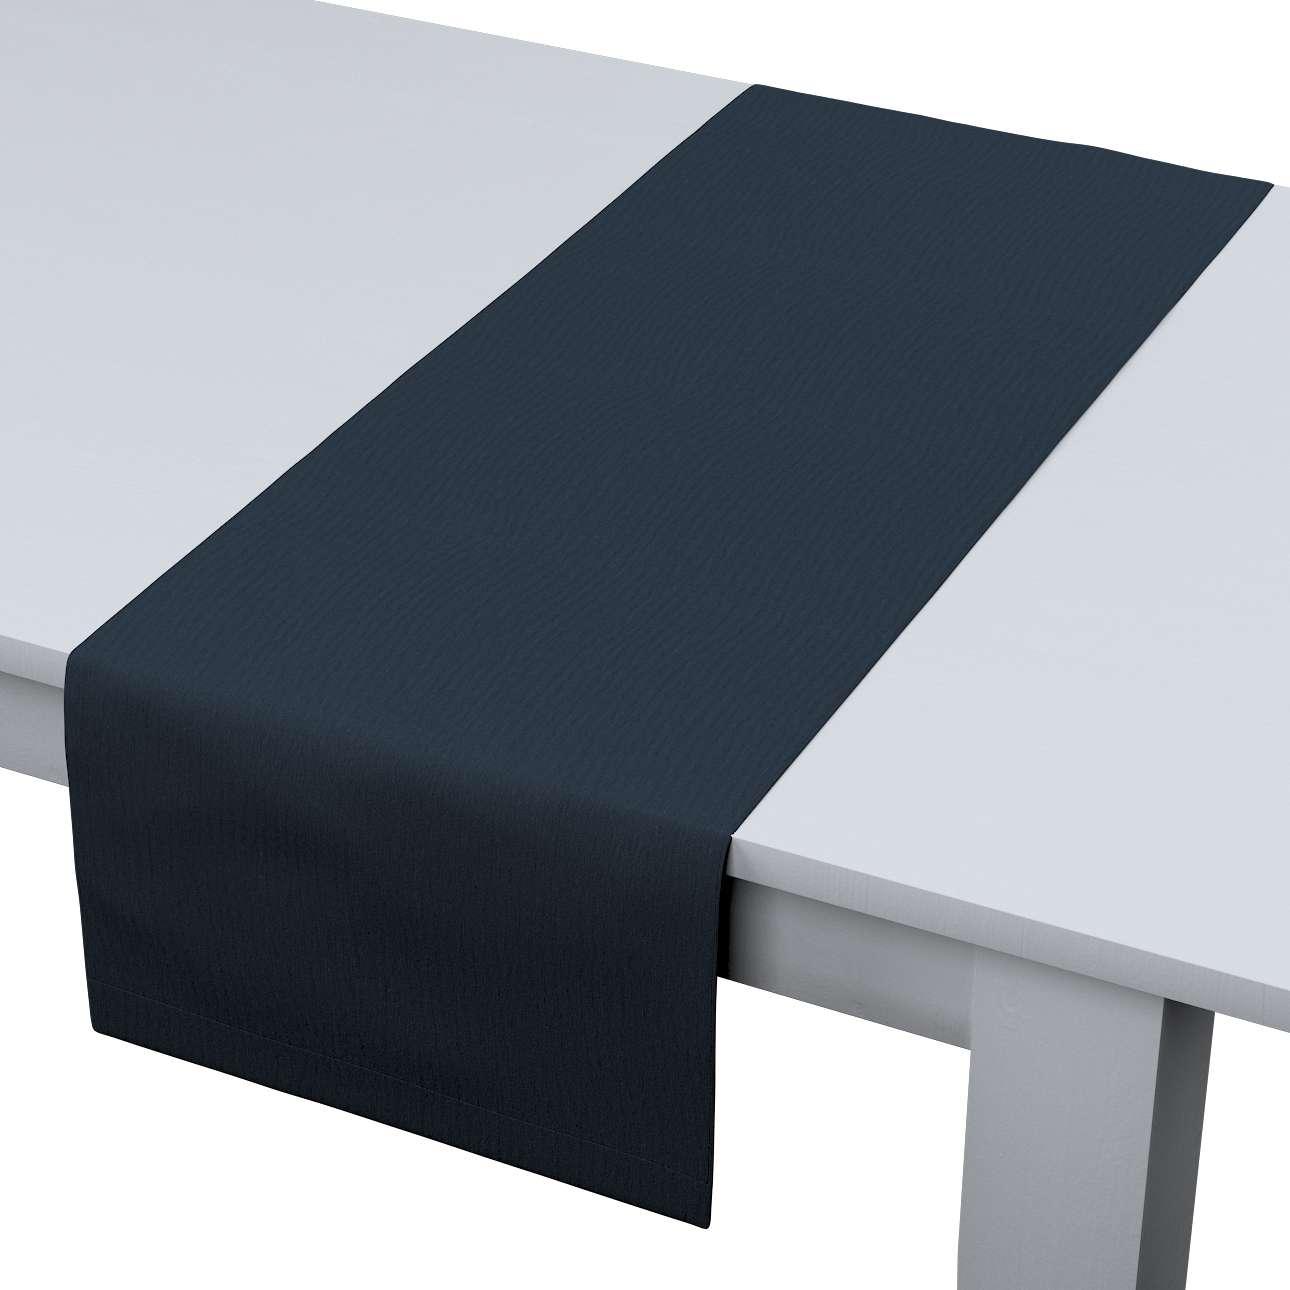 Bieżnik prostokątny 40x130 cm w kolekcji Quadro, tkanina: 136-04